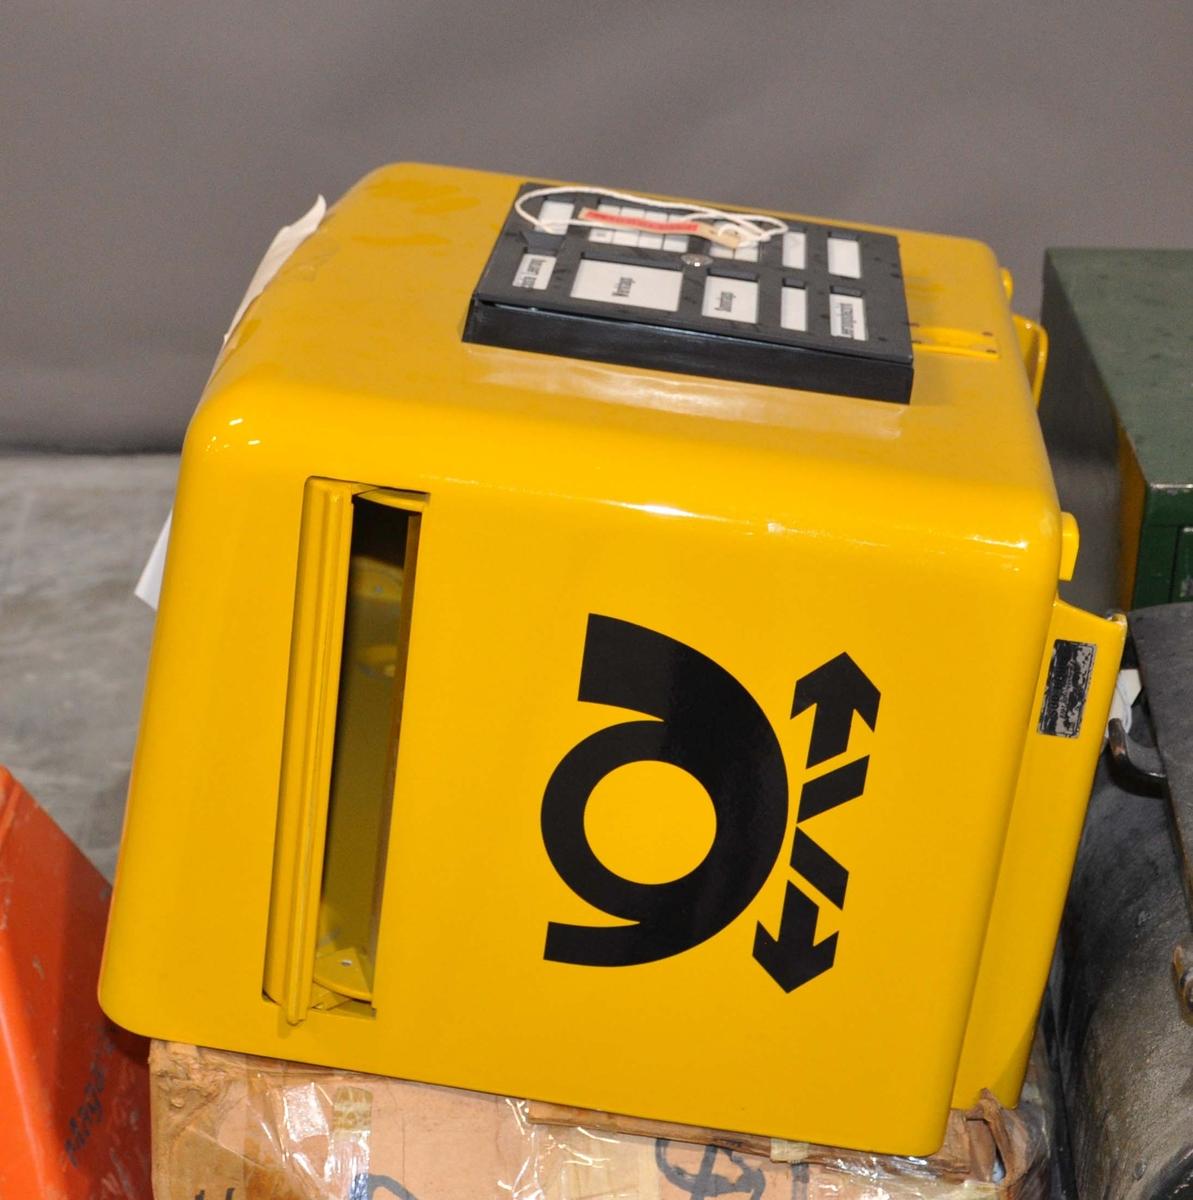 Gul, tysk tømmepostkasse for tømmeapparat, med tømmeplan. Svart posthornemblem